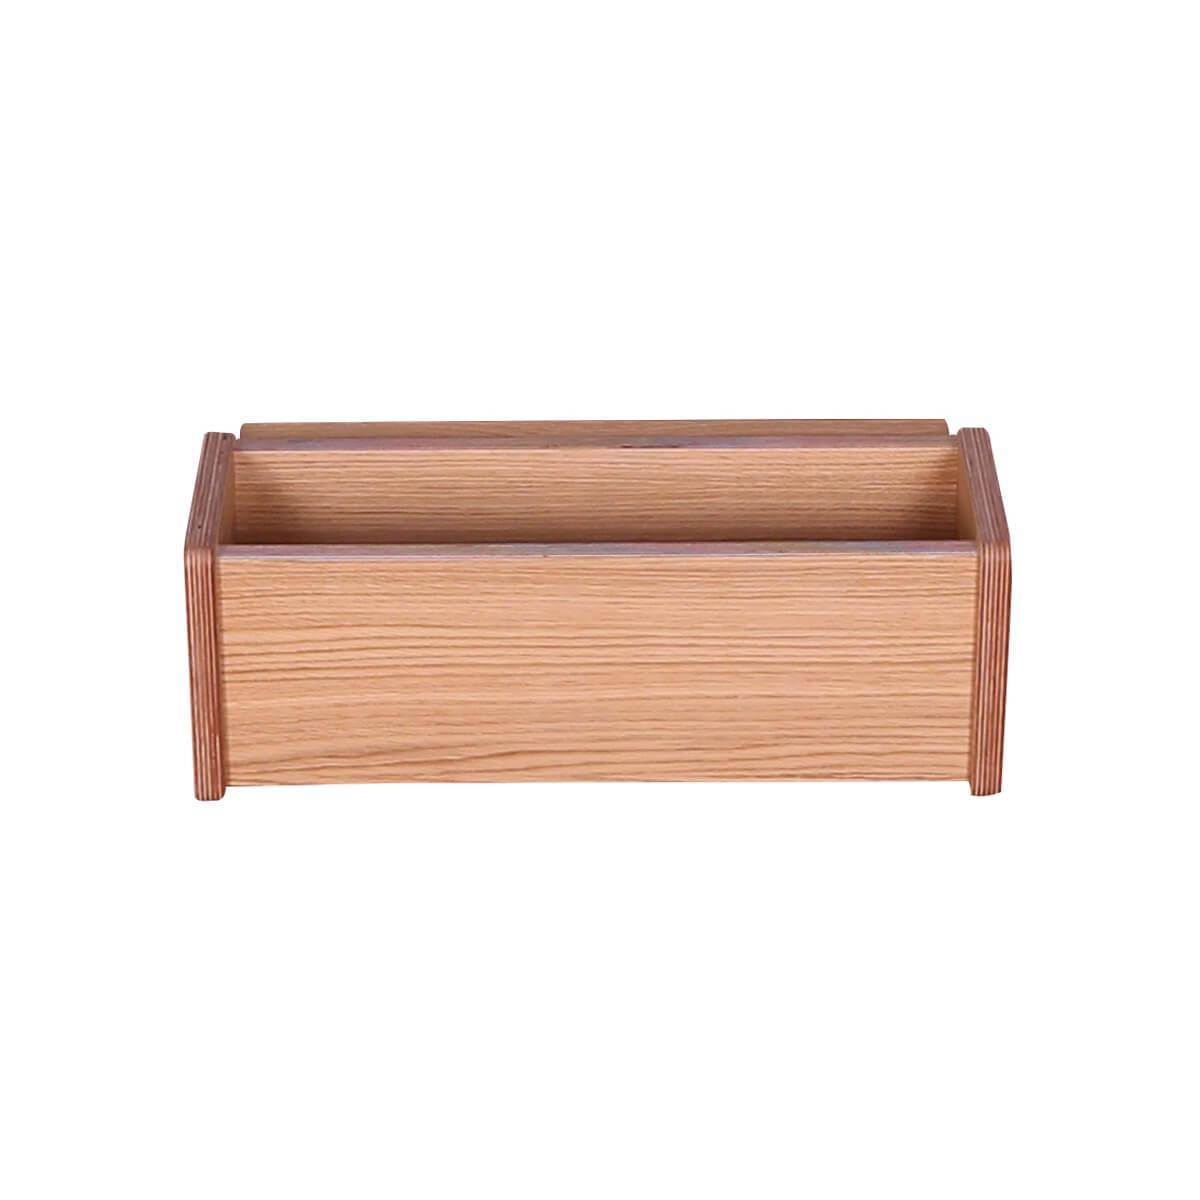 Caja colgante cama KASVA multiplex chapa roble